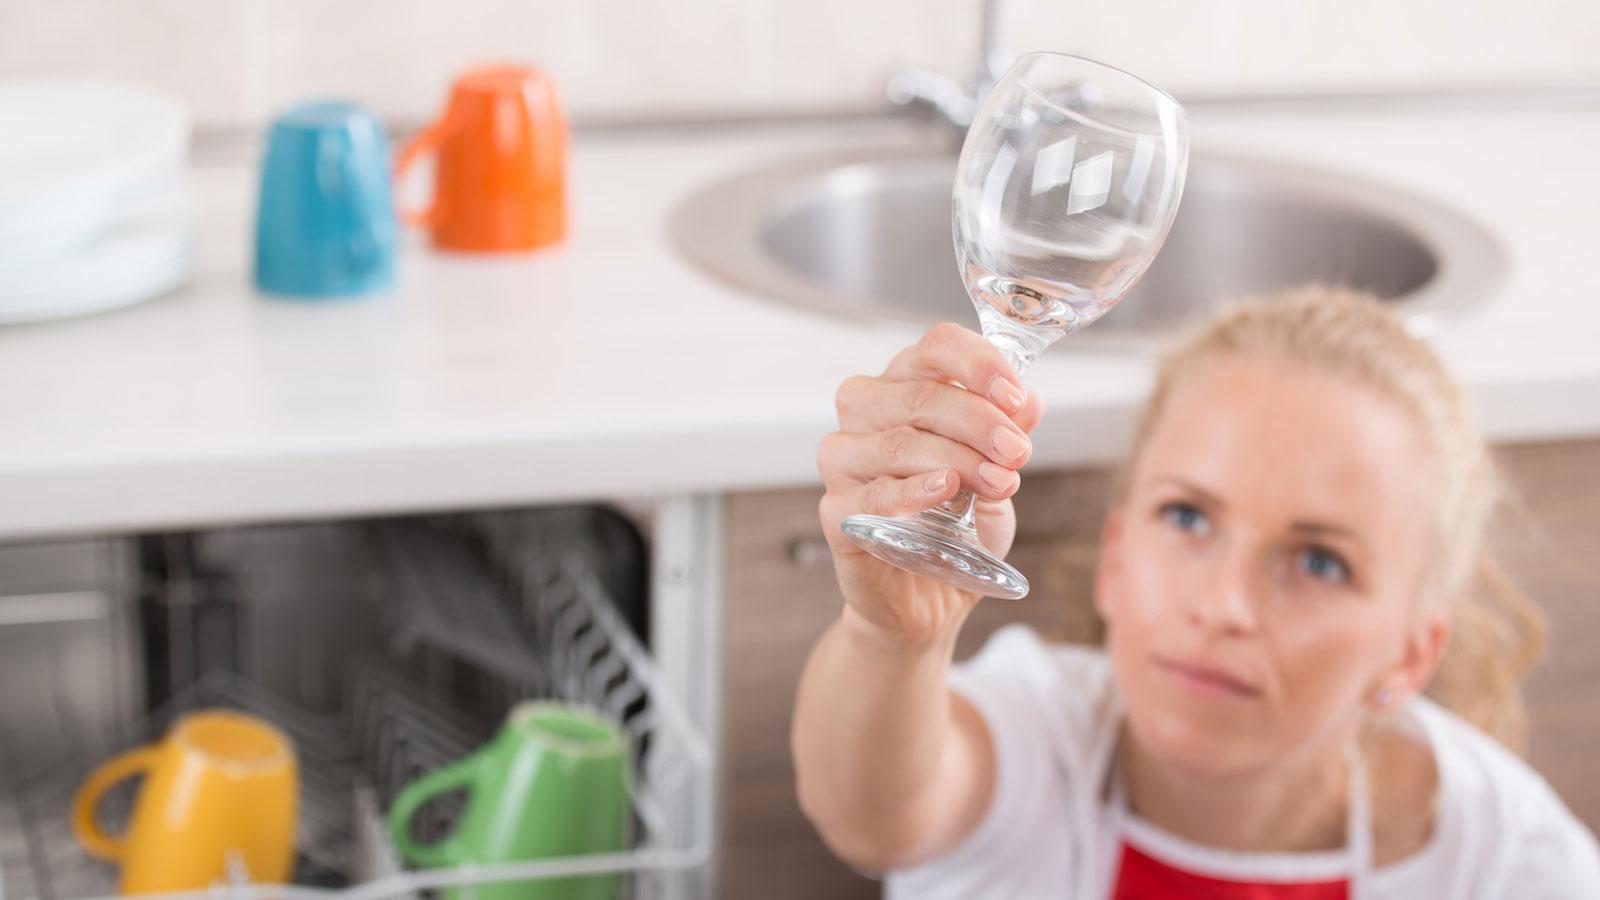 Geschirrspülmaschinen sollten entkalkt werden, wenn die Reinigungsqualität nachlässt